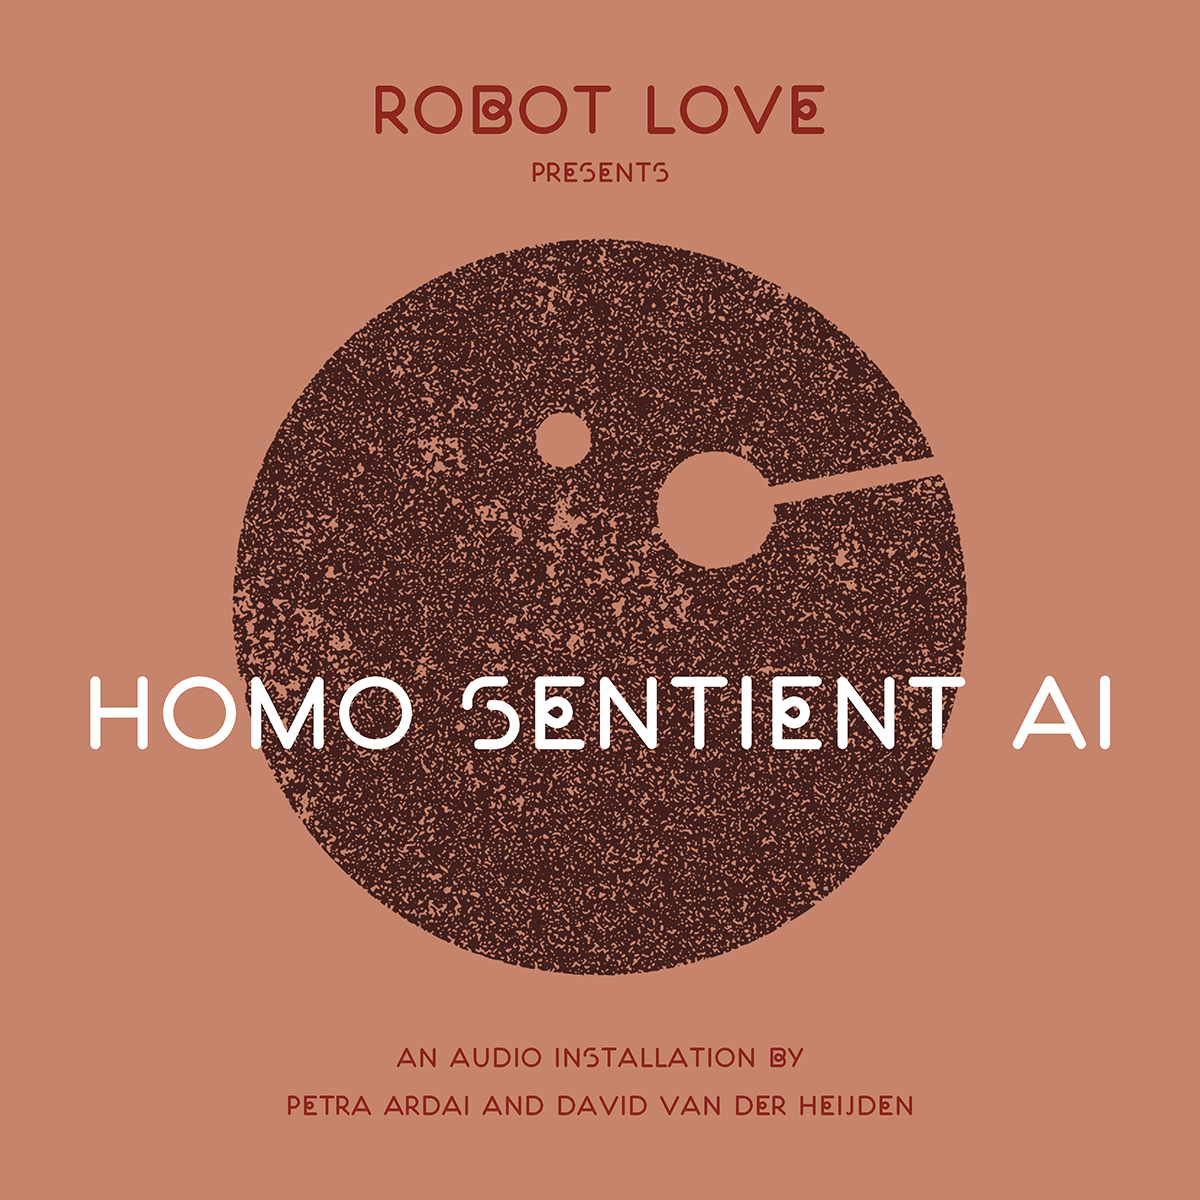 homosentientai-spotify-new